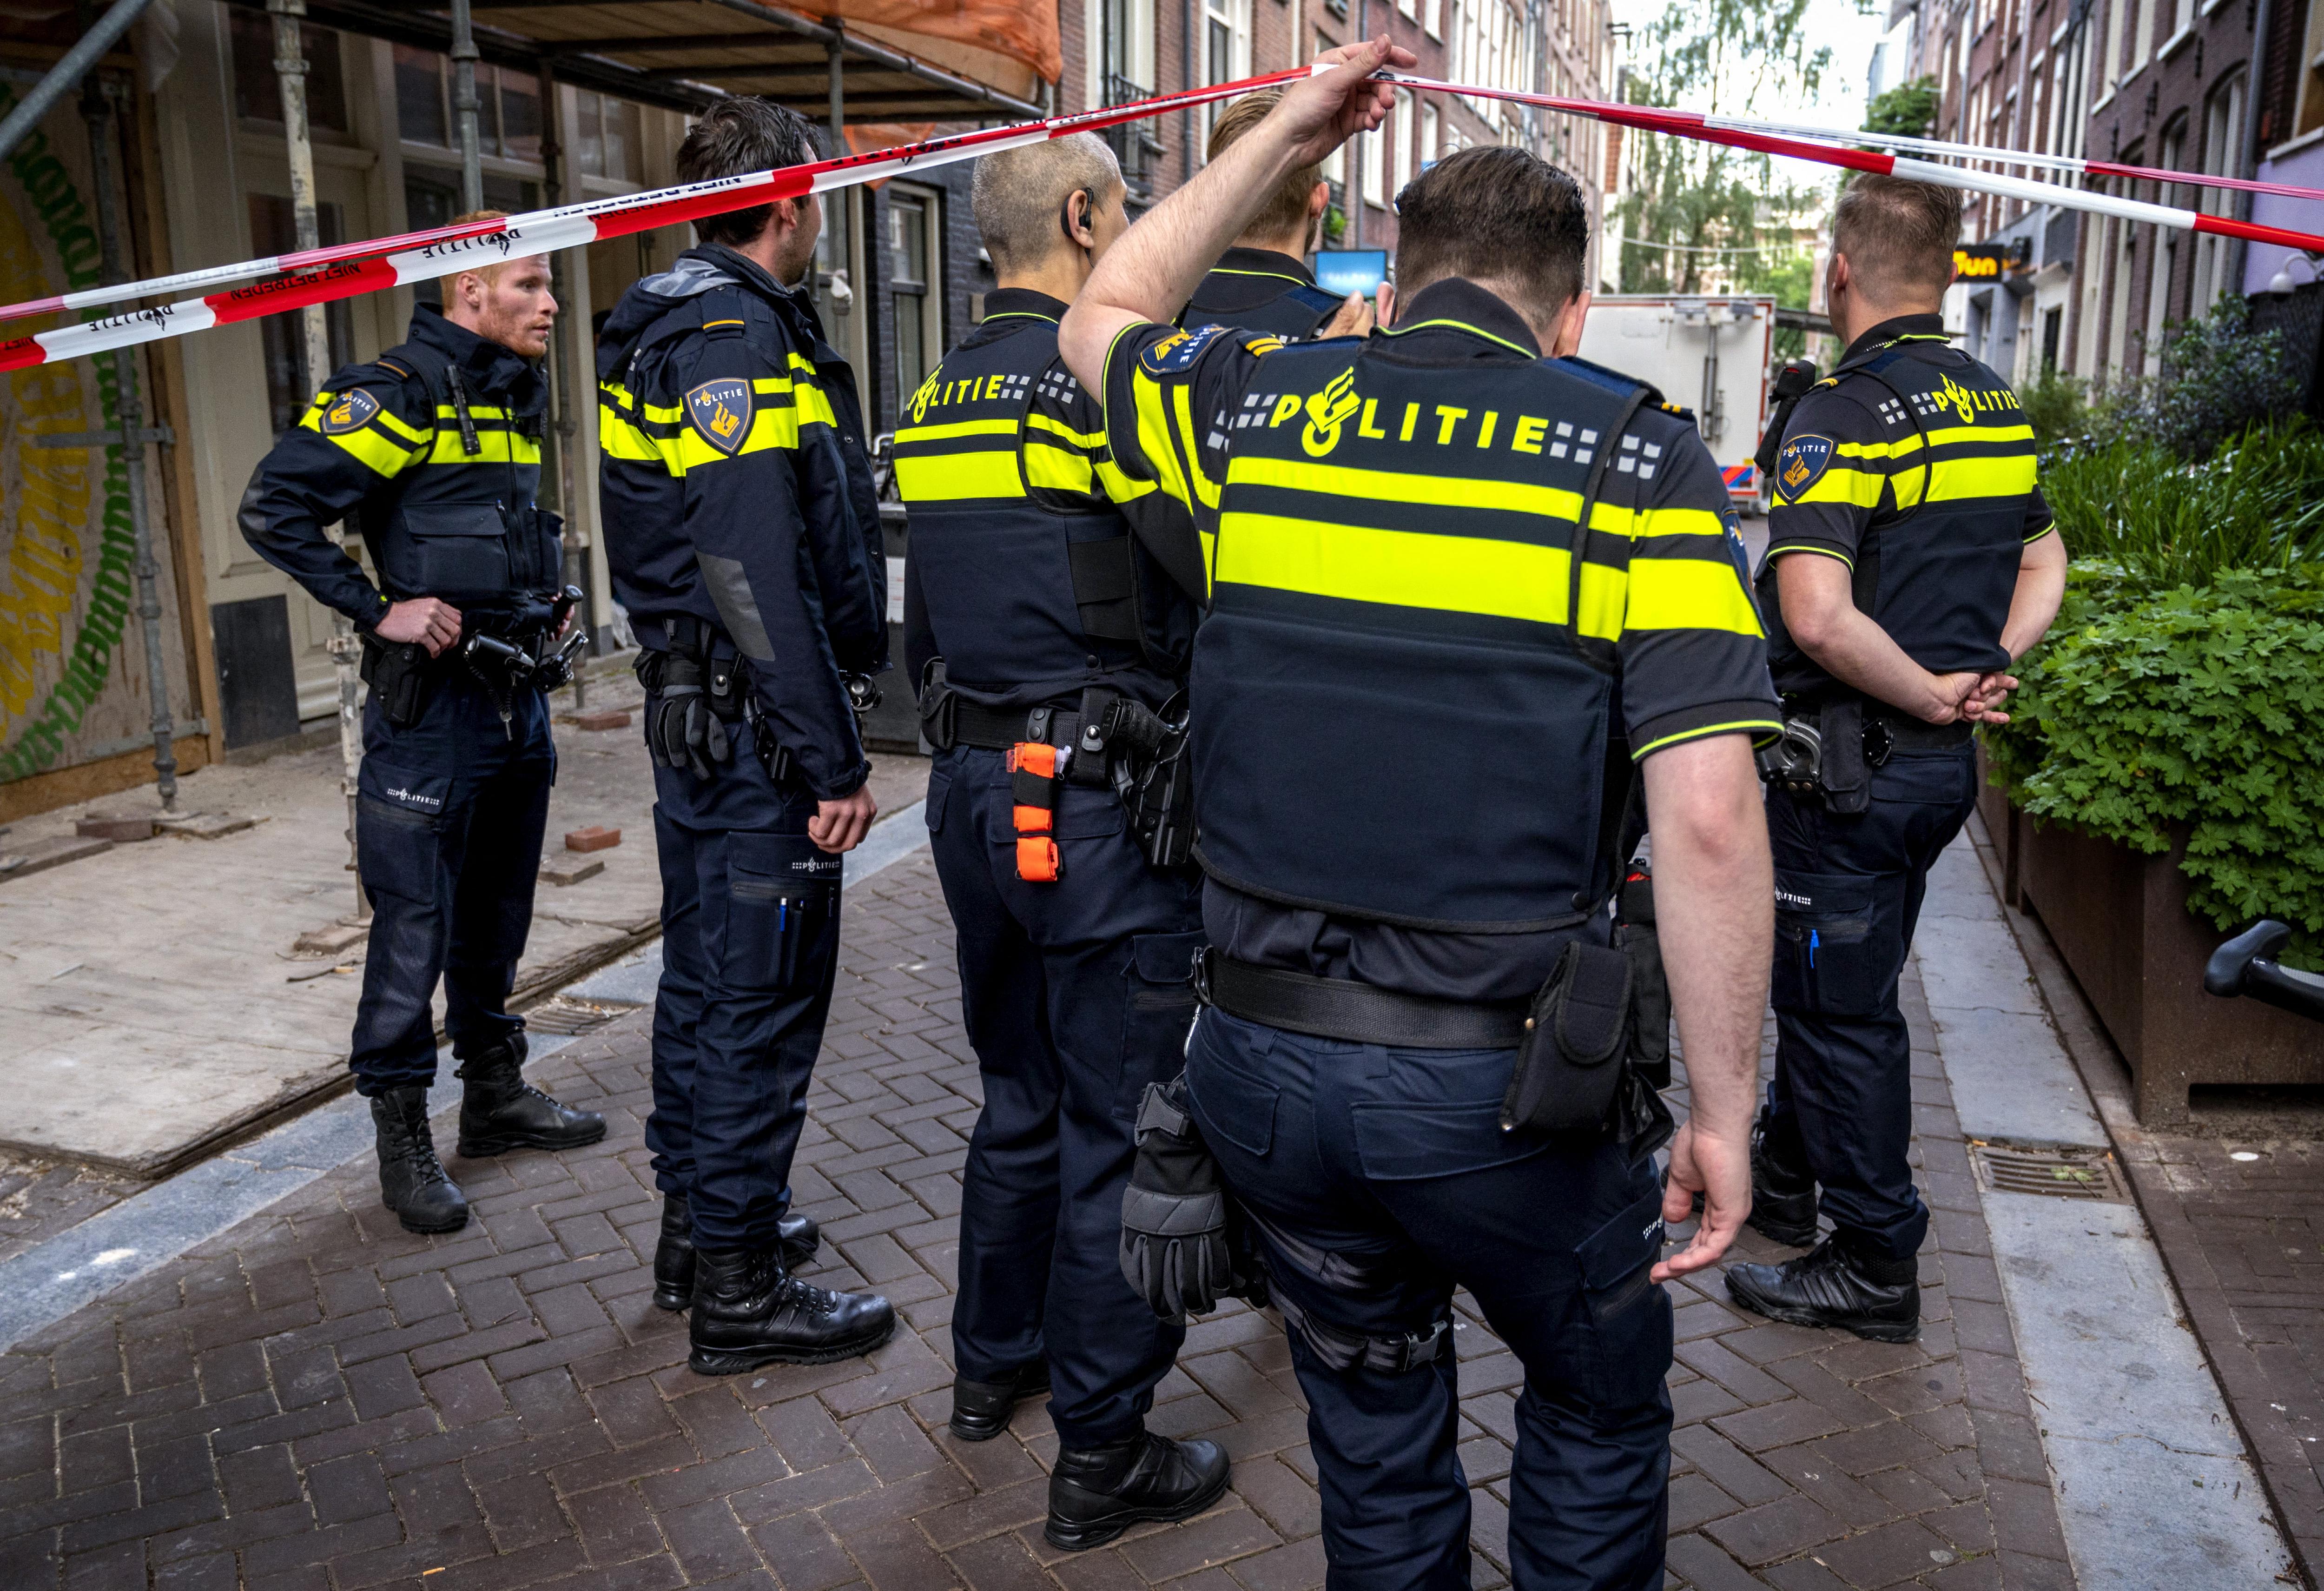 Meglőttek egy ismert bűnügyi újságírót Amszterdam belvárosában